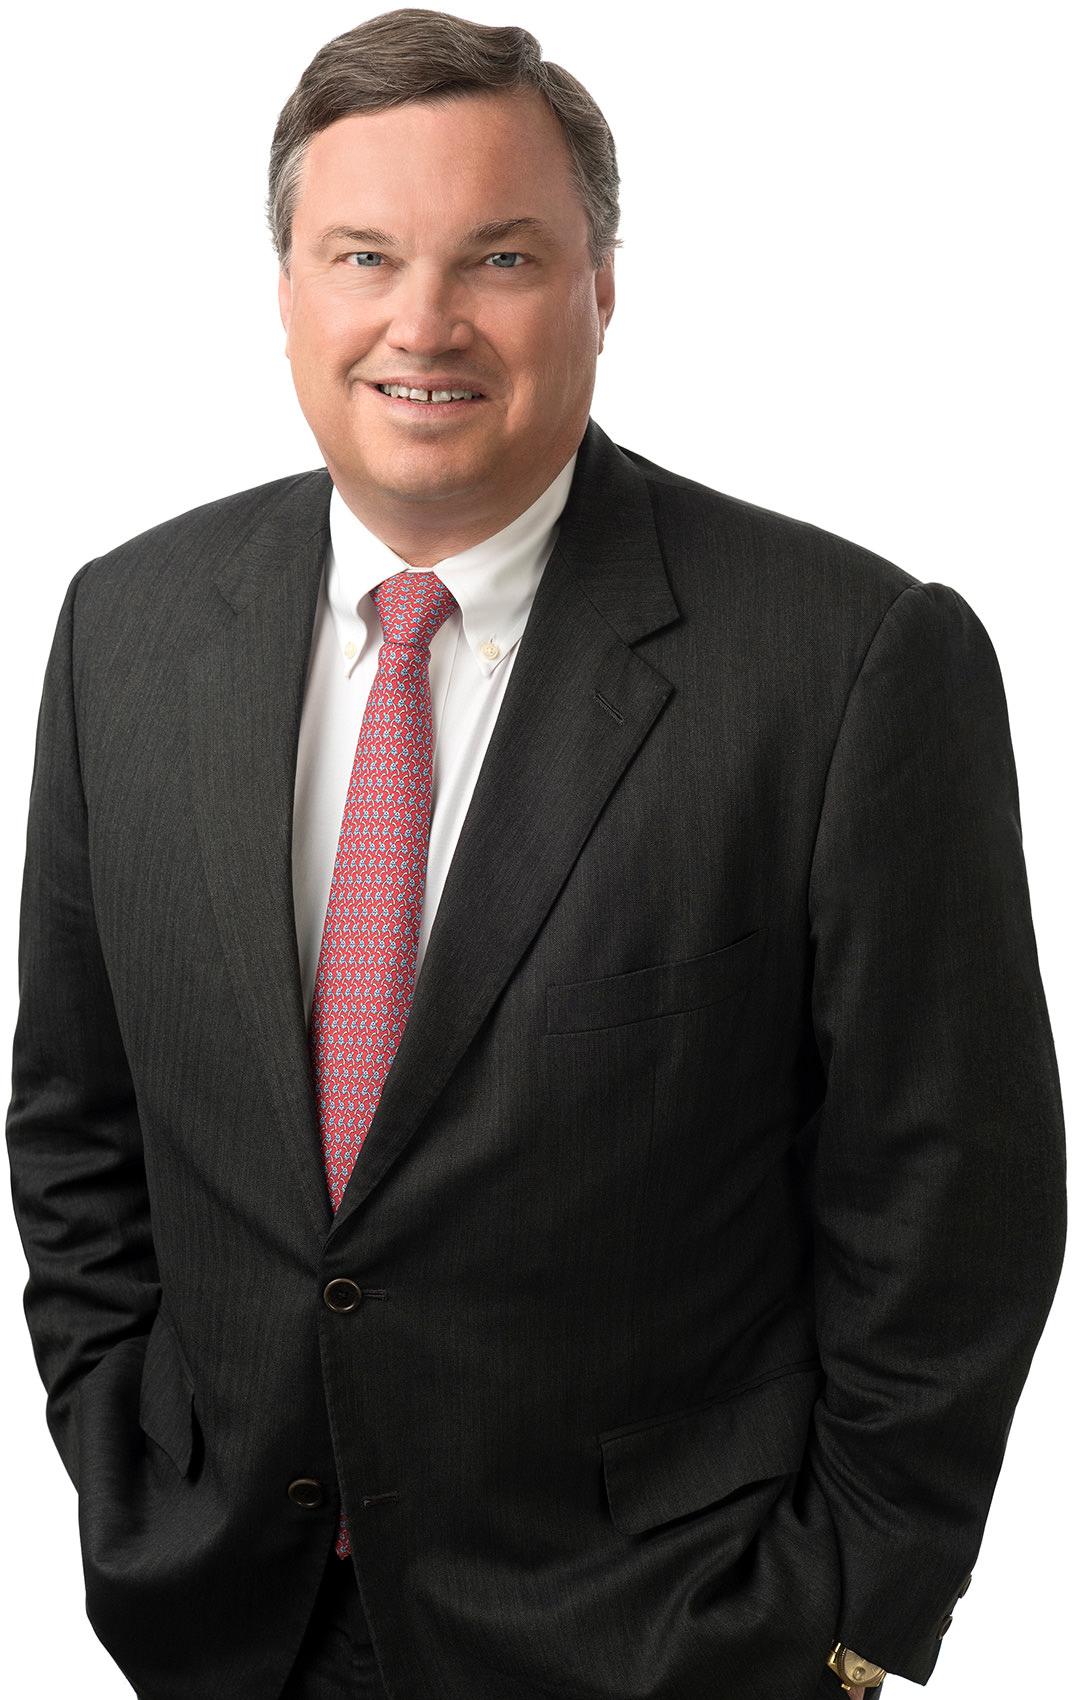 G. Mark Phillips